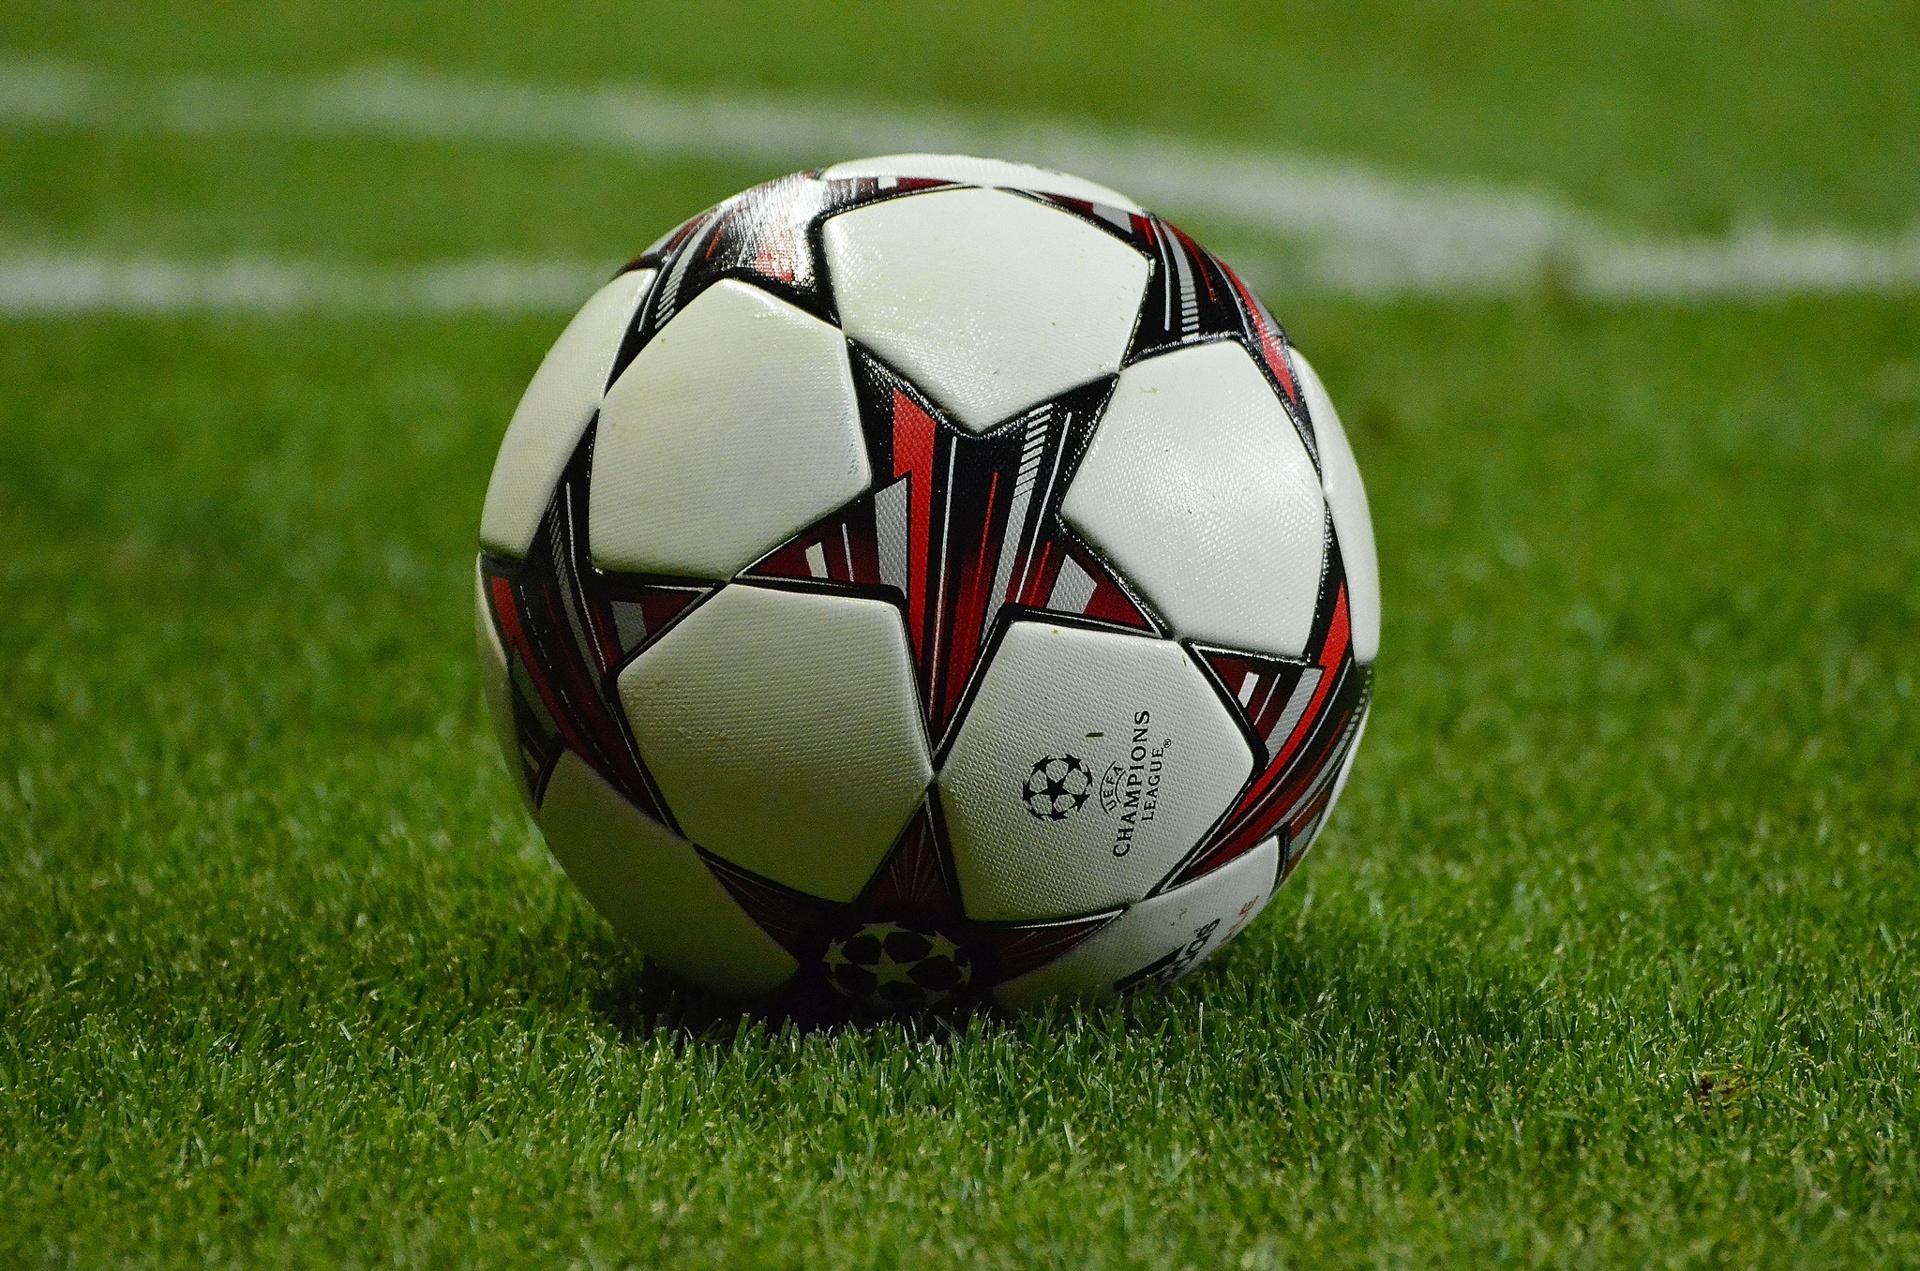 70+ Status, những câu nói hay về tình yêu bóng đá chất